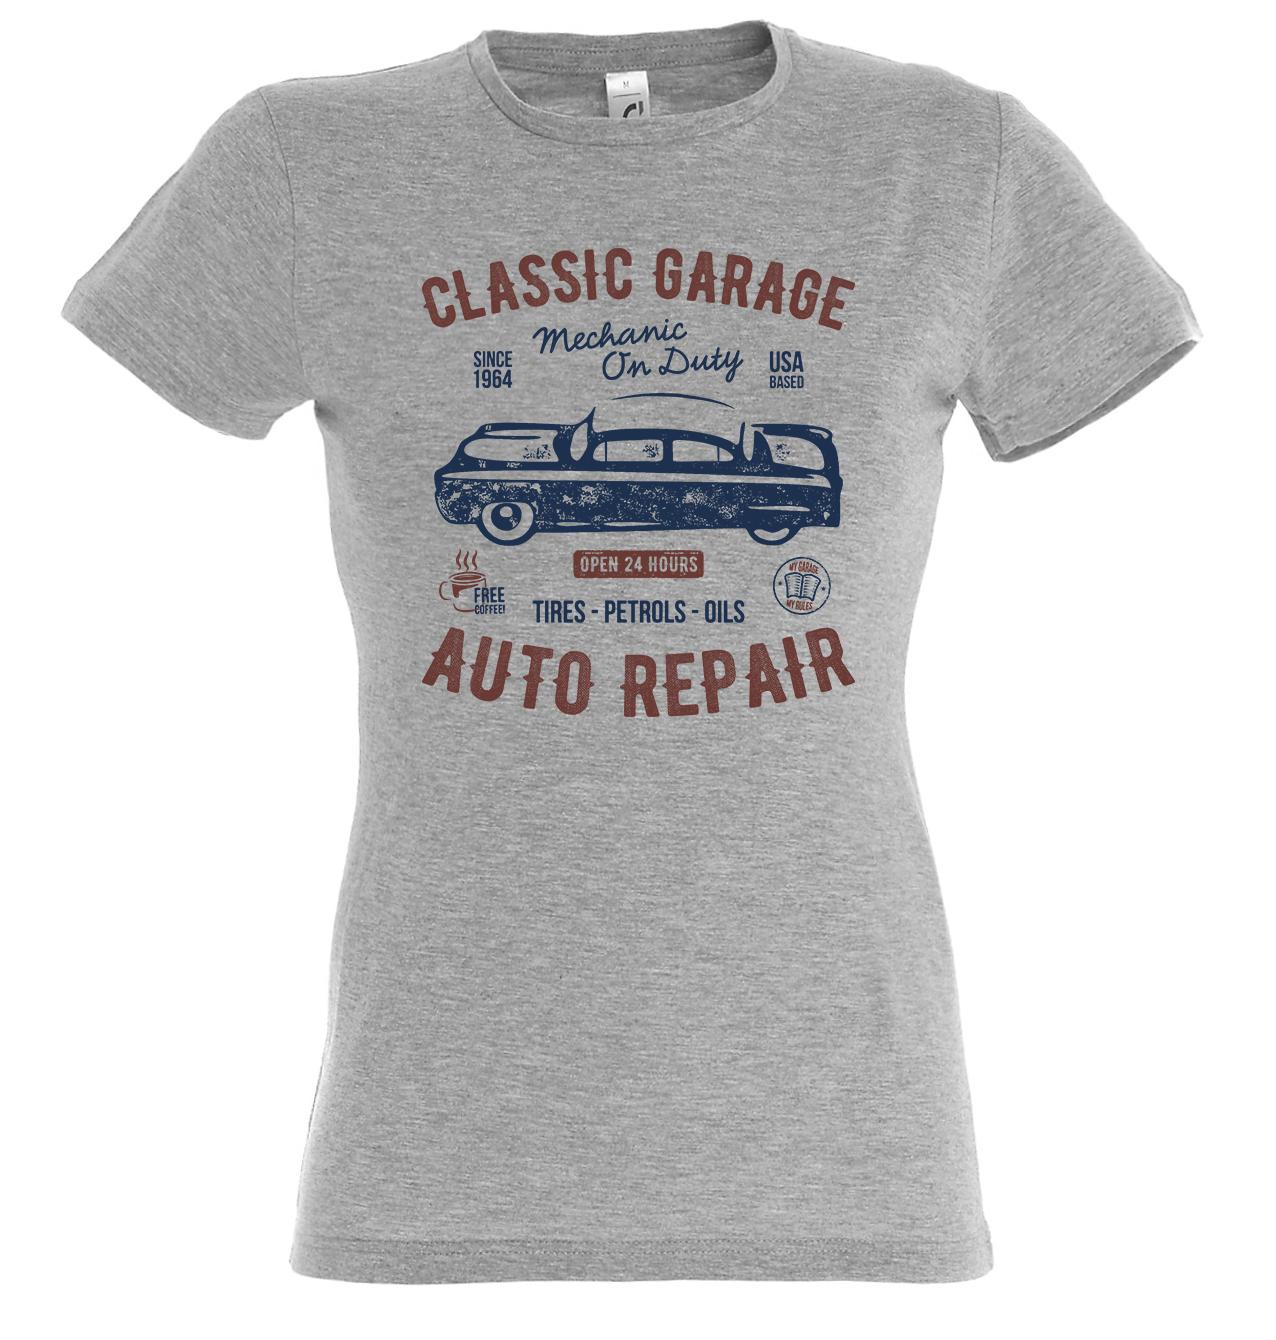 Classic garage auto repair